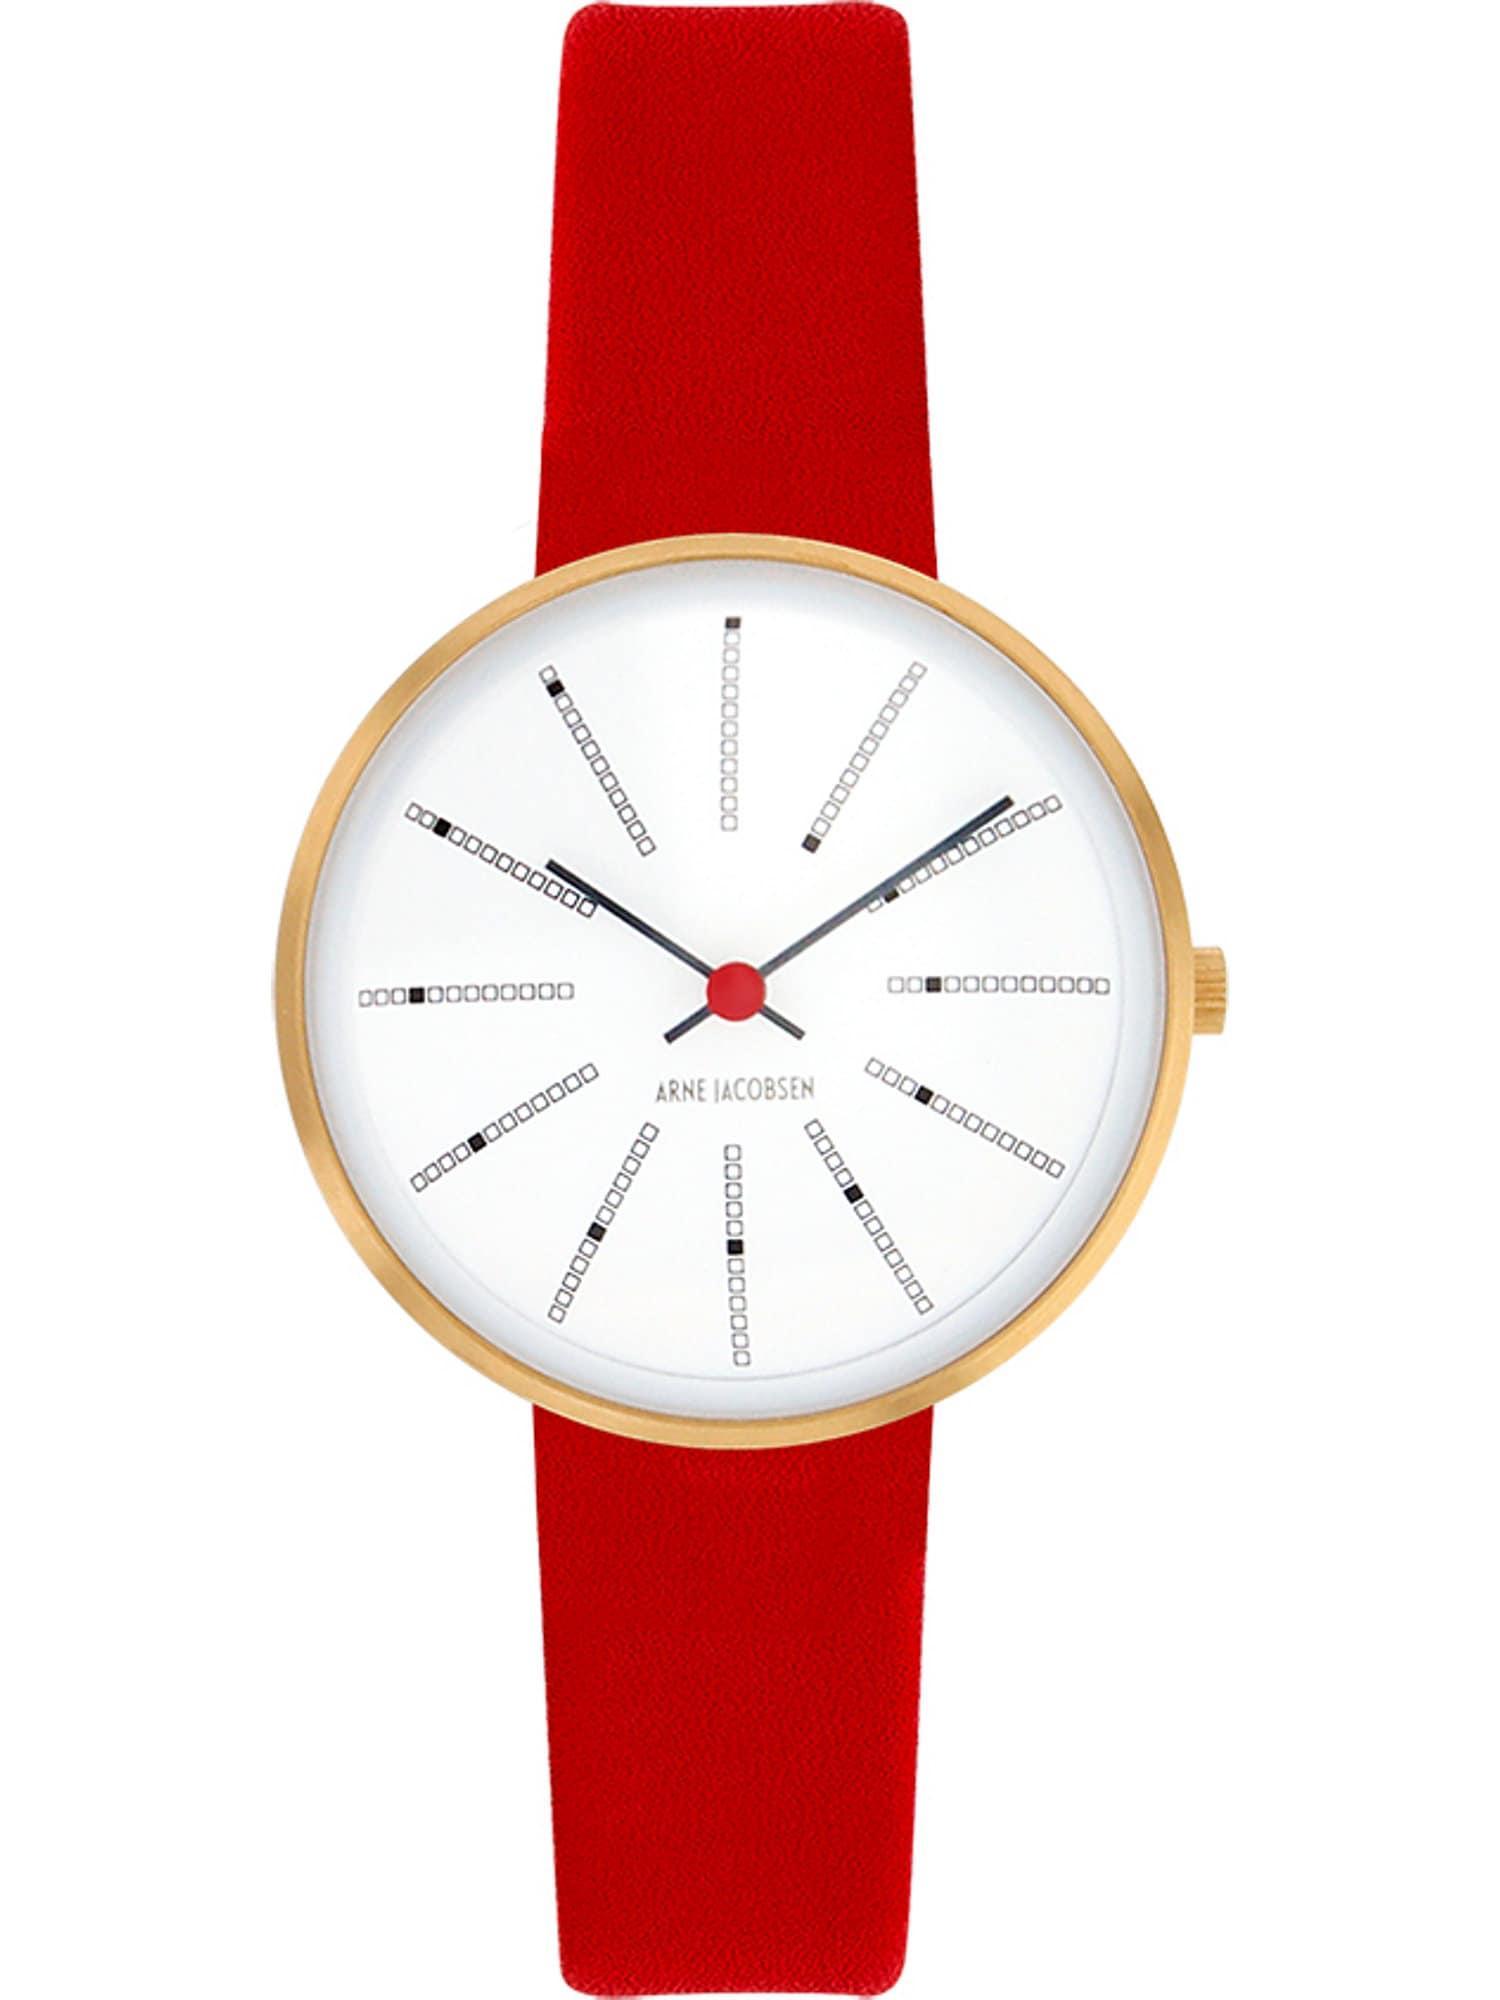 Arne Jacobsen Arne Jacobsen Damen-Uhren Analog Quarz ' ' rot